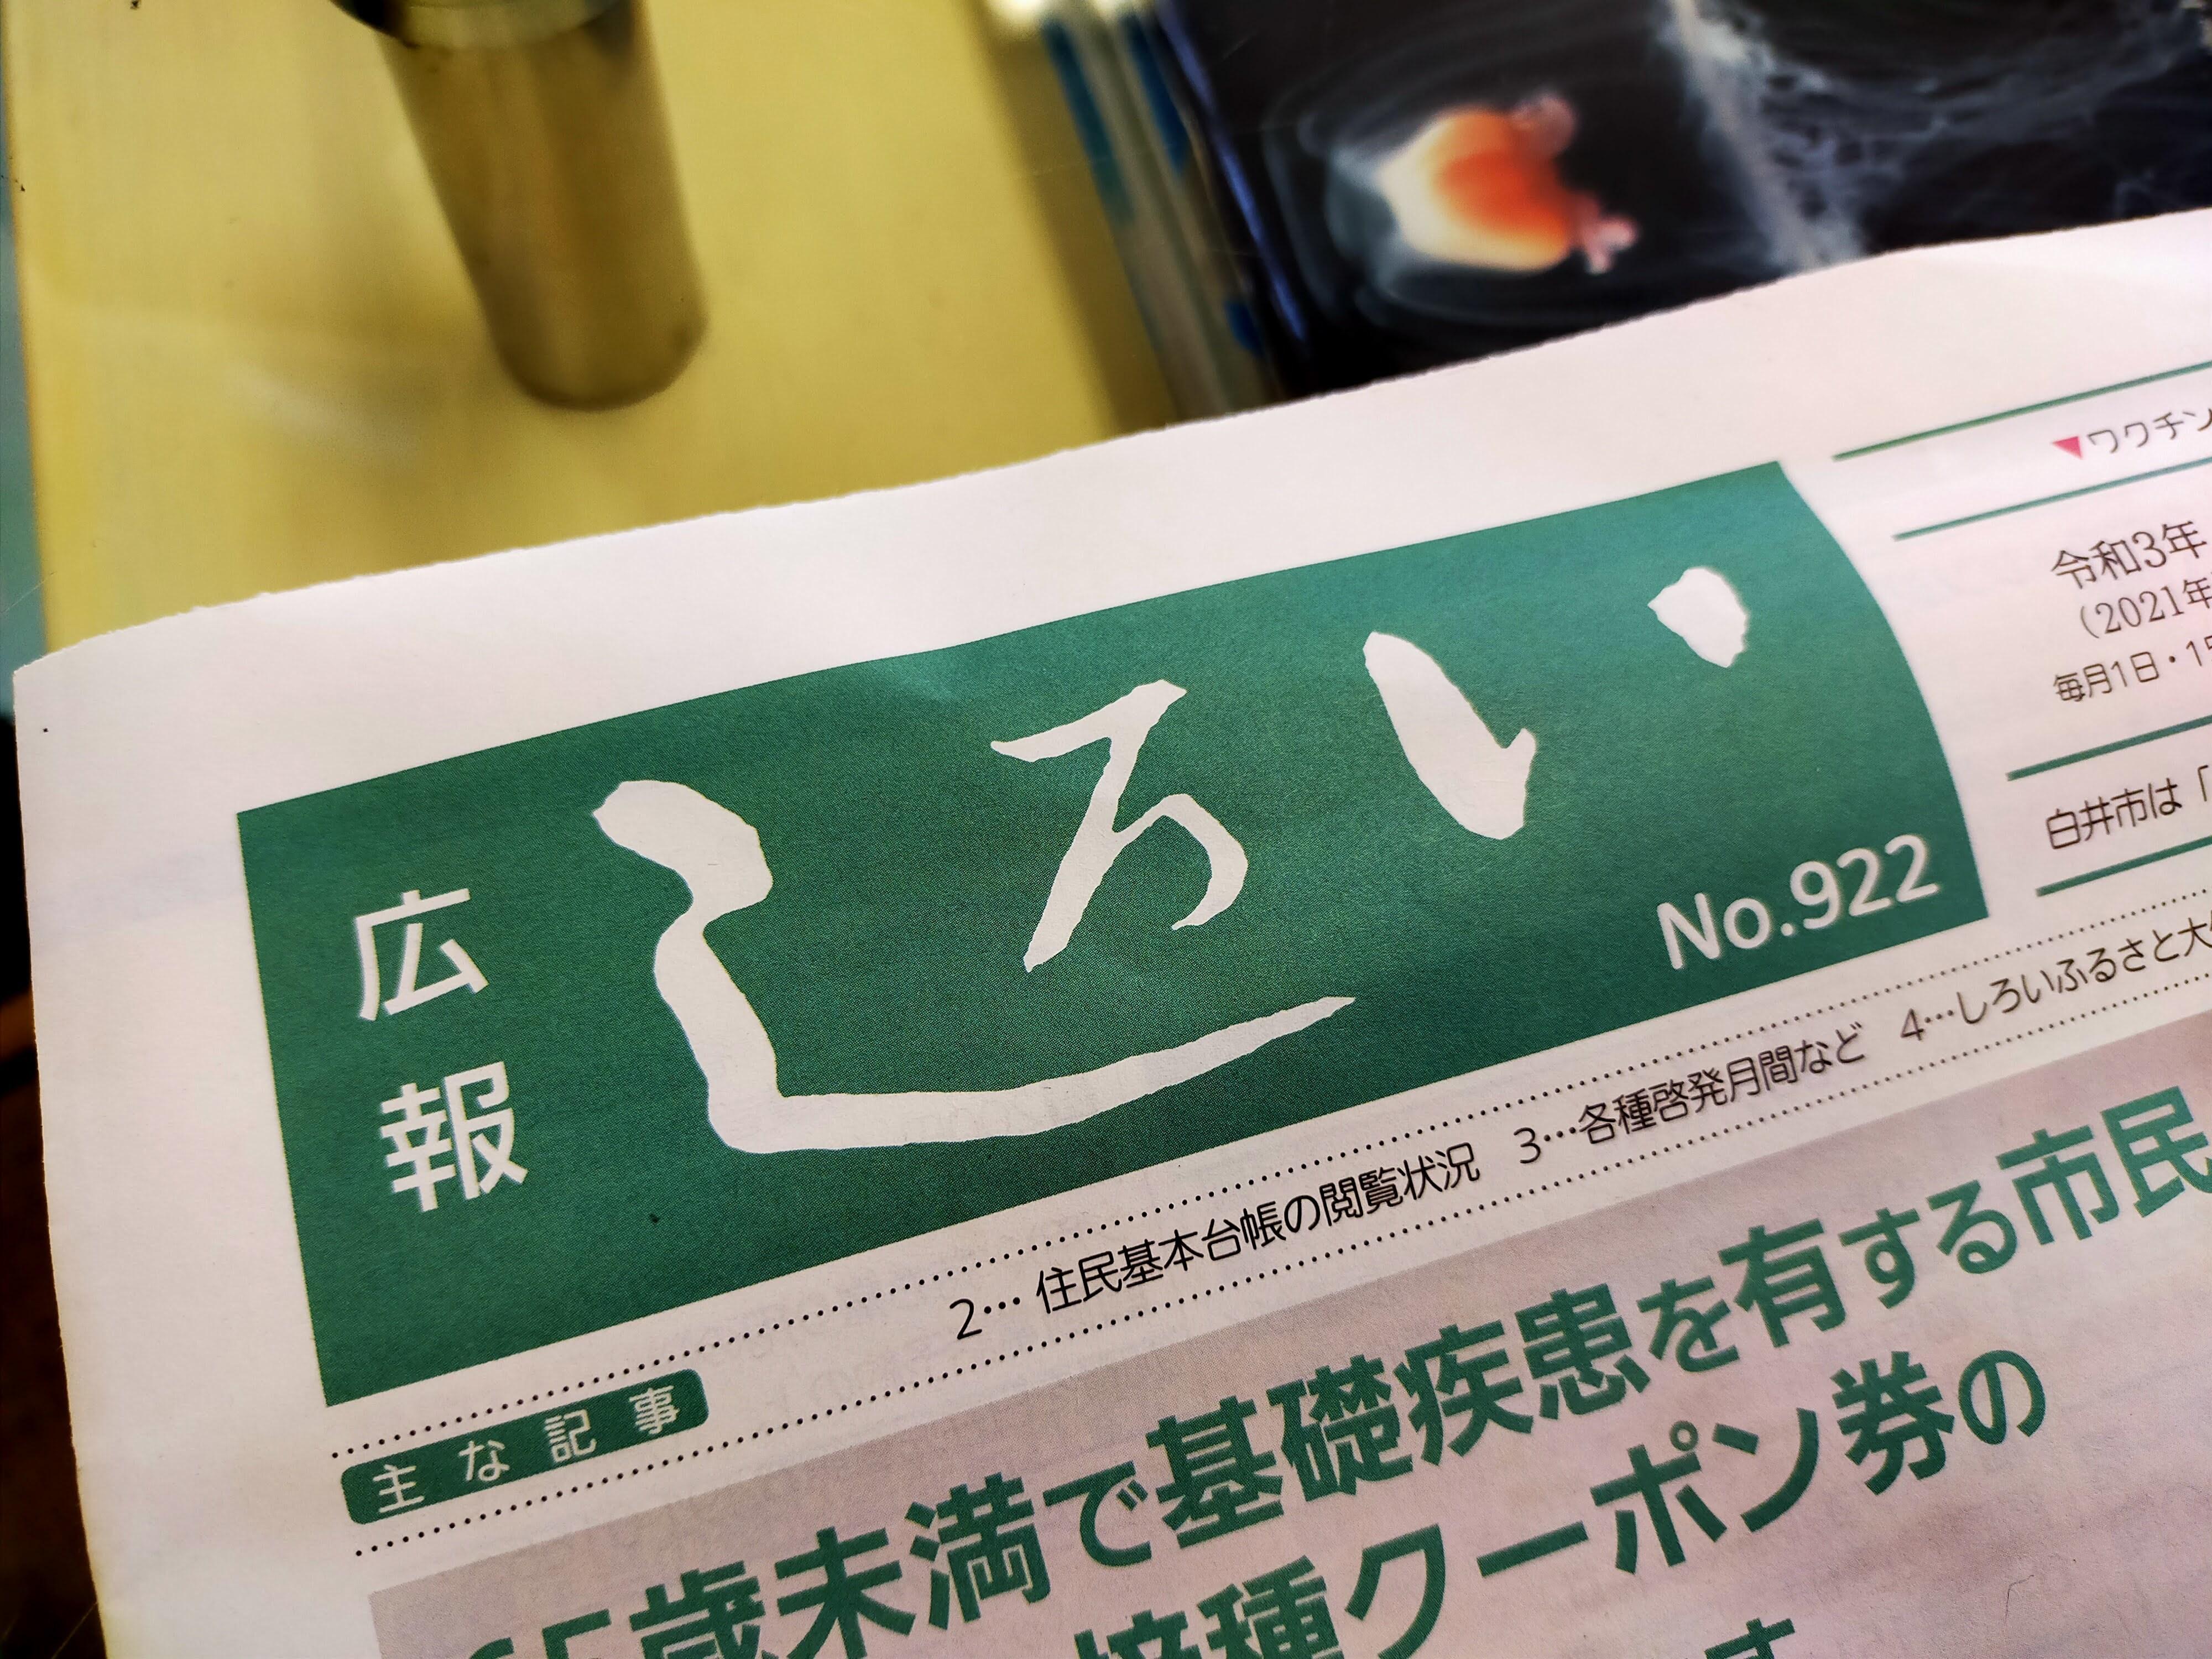 広報しろい,白井市広報紙,発見!白井の仕事人 (1)